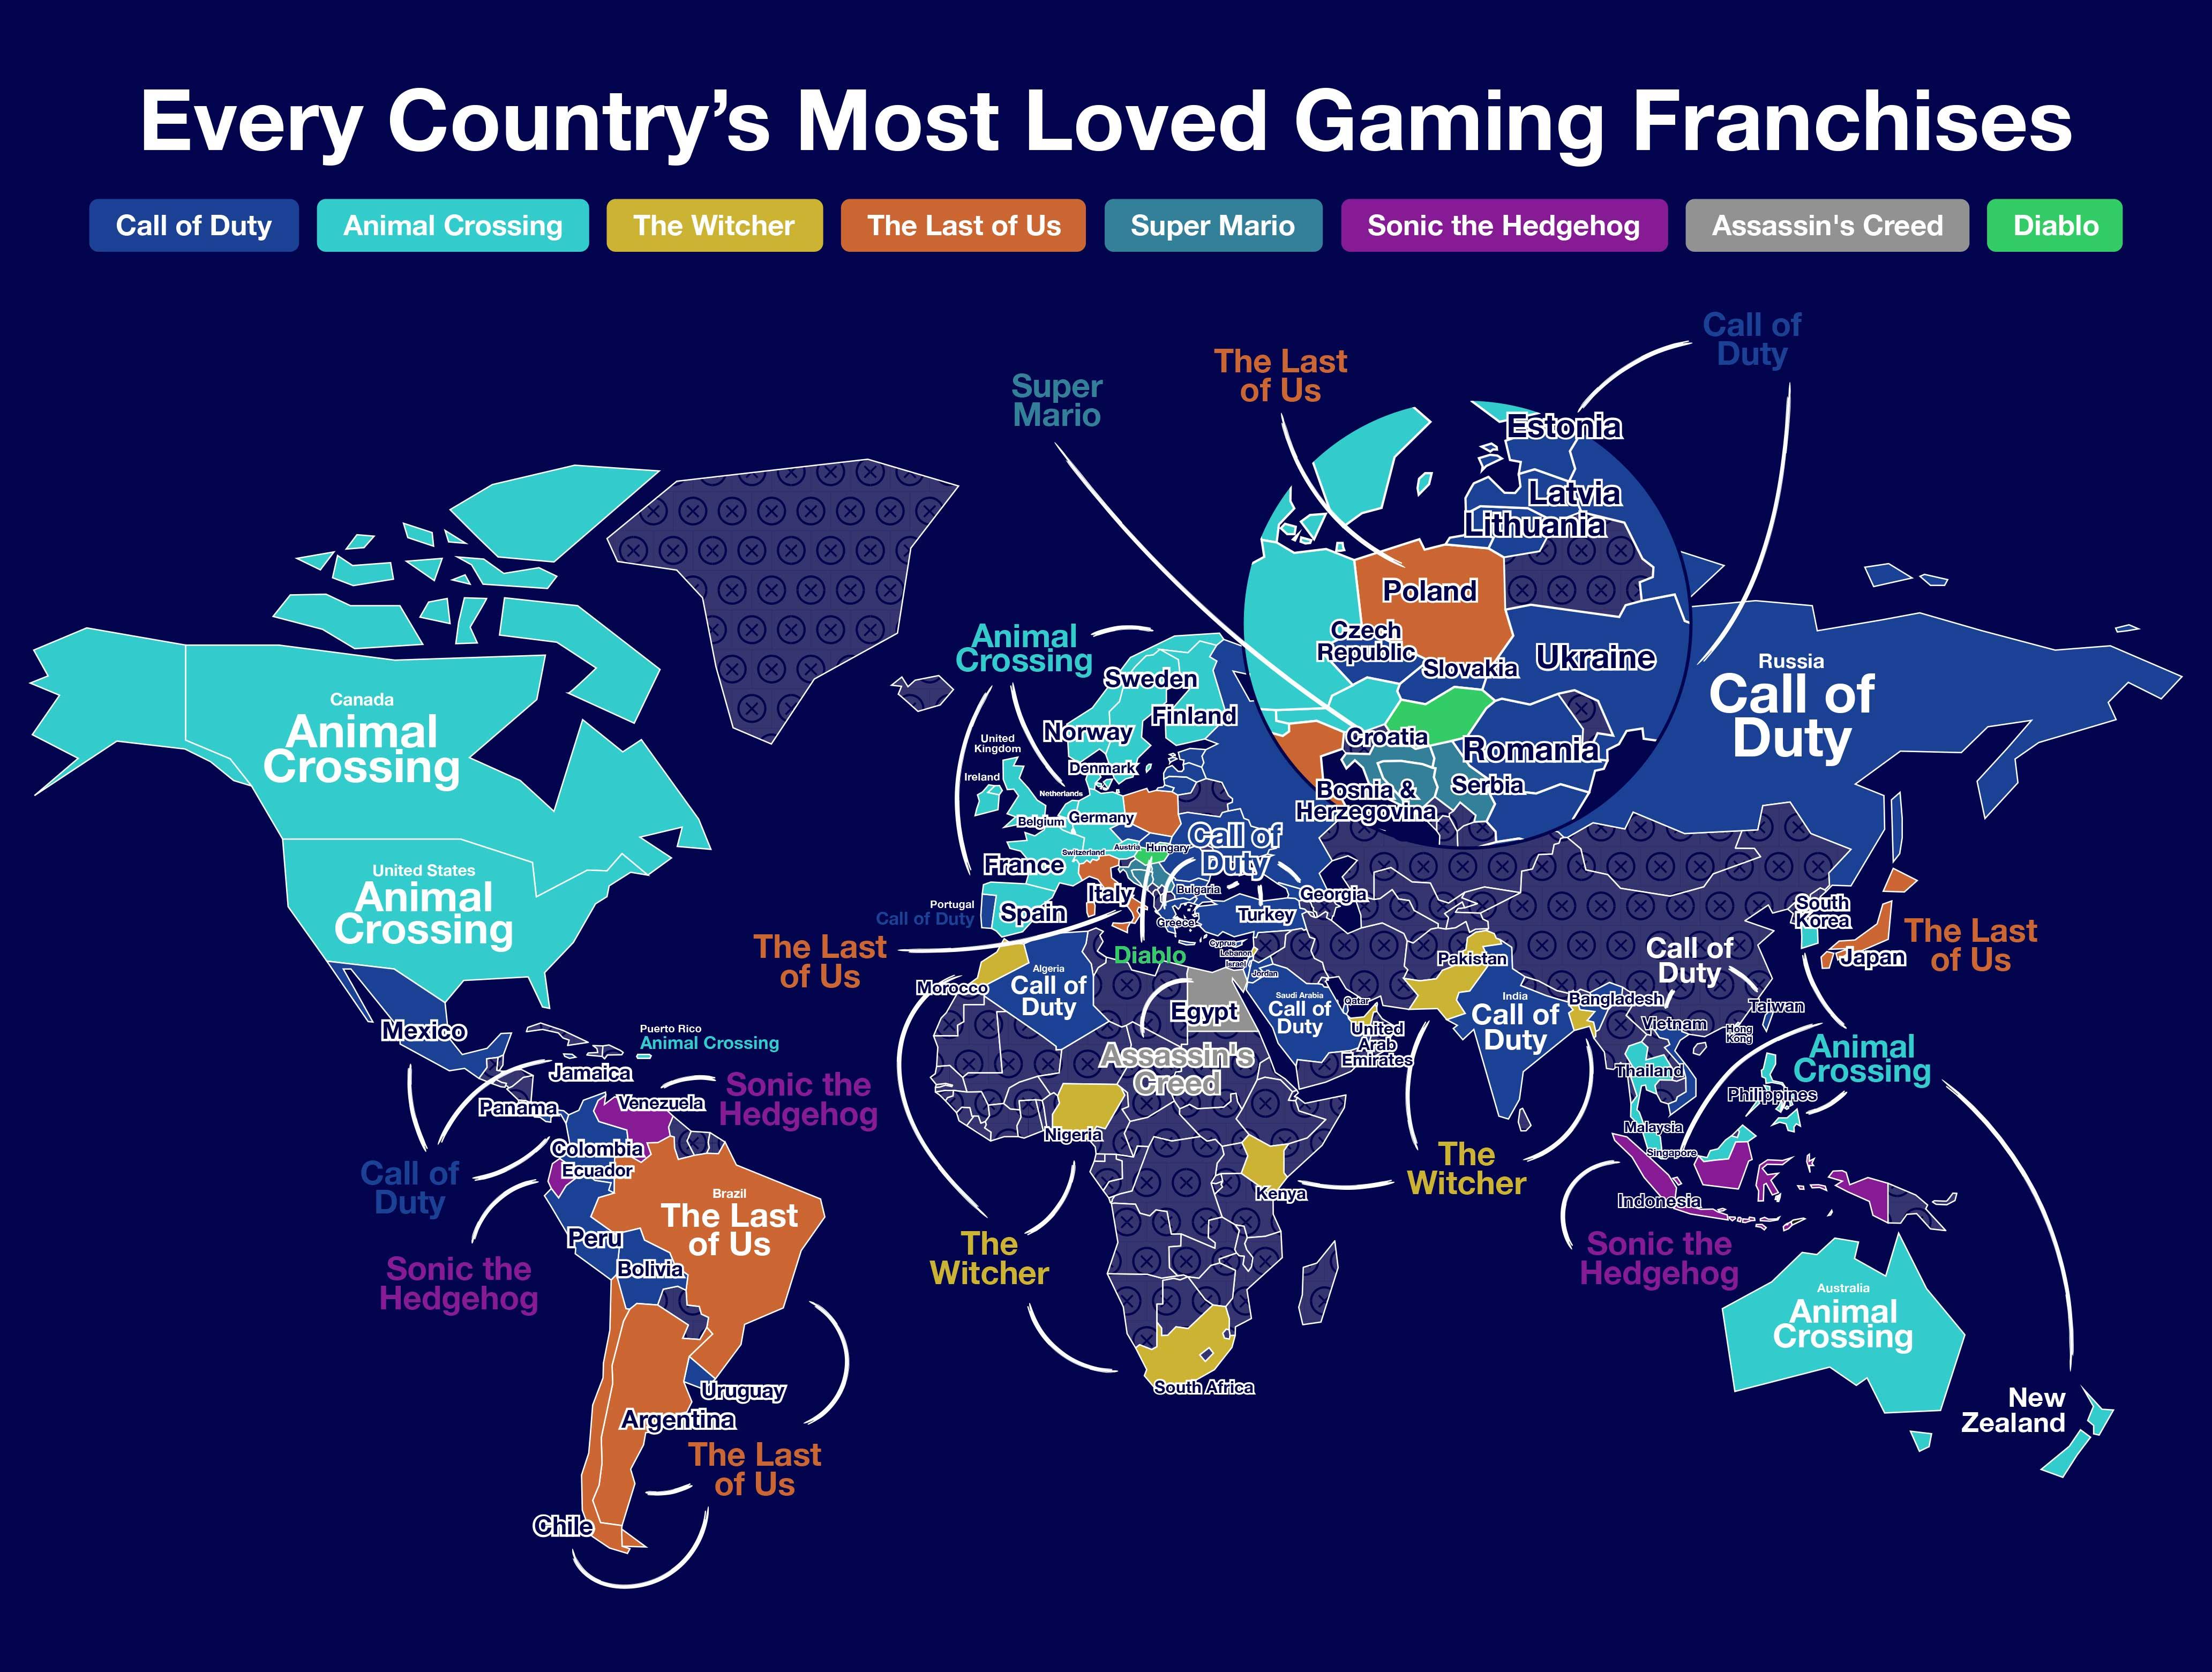 https://www.casino.org/blog/wp-content/uploads/8-games-map-final.jpg